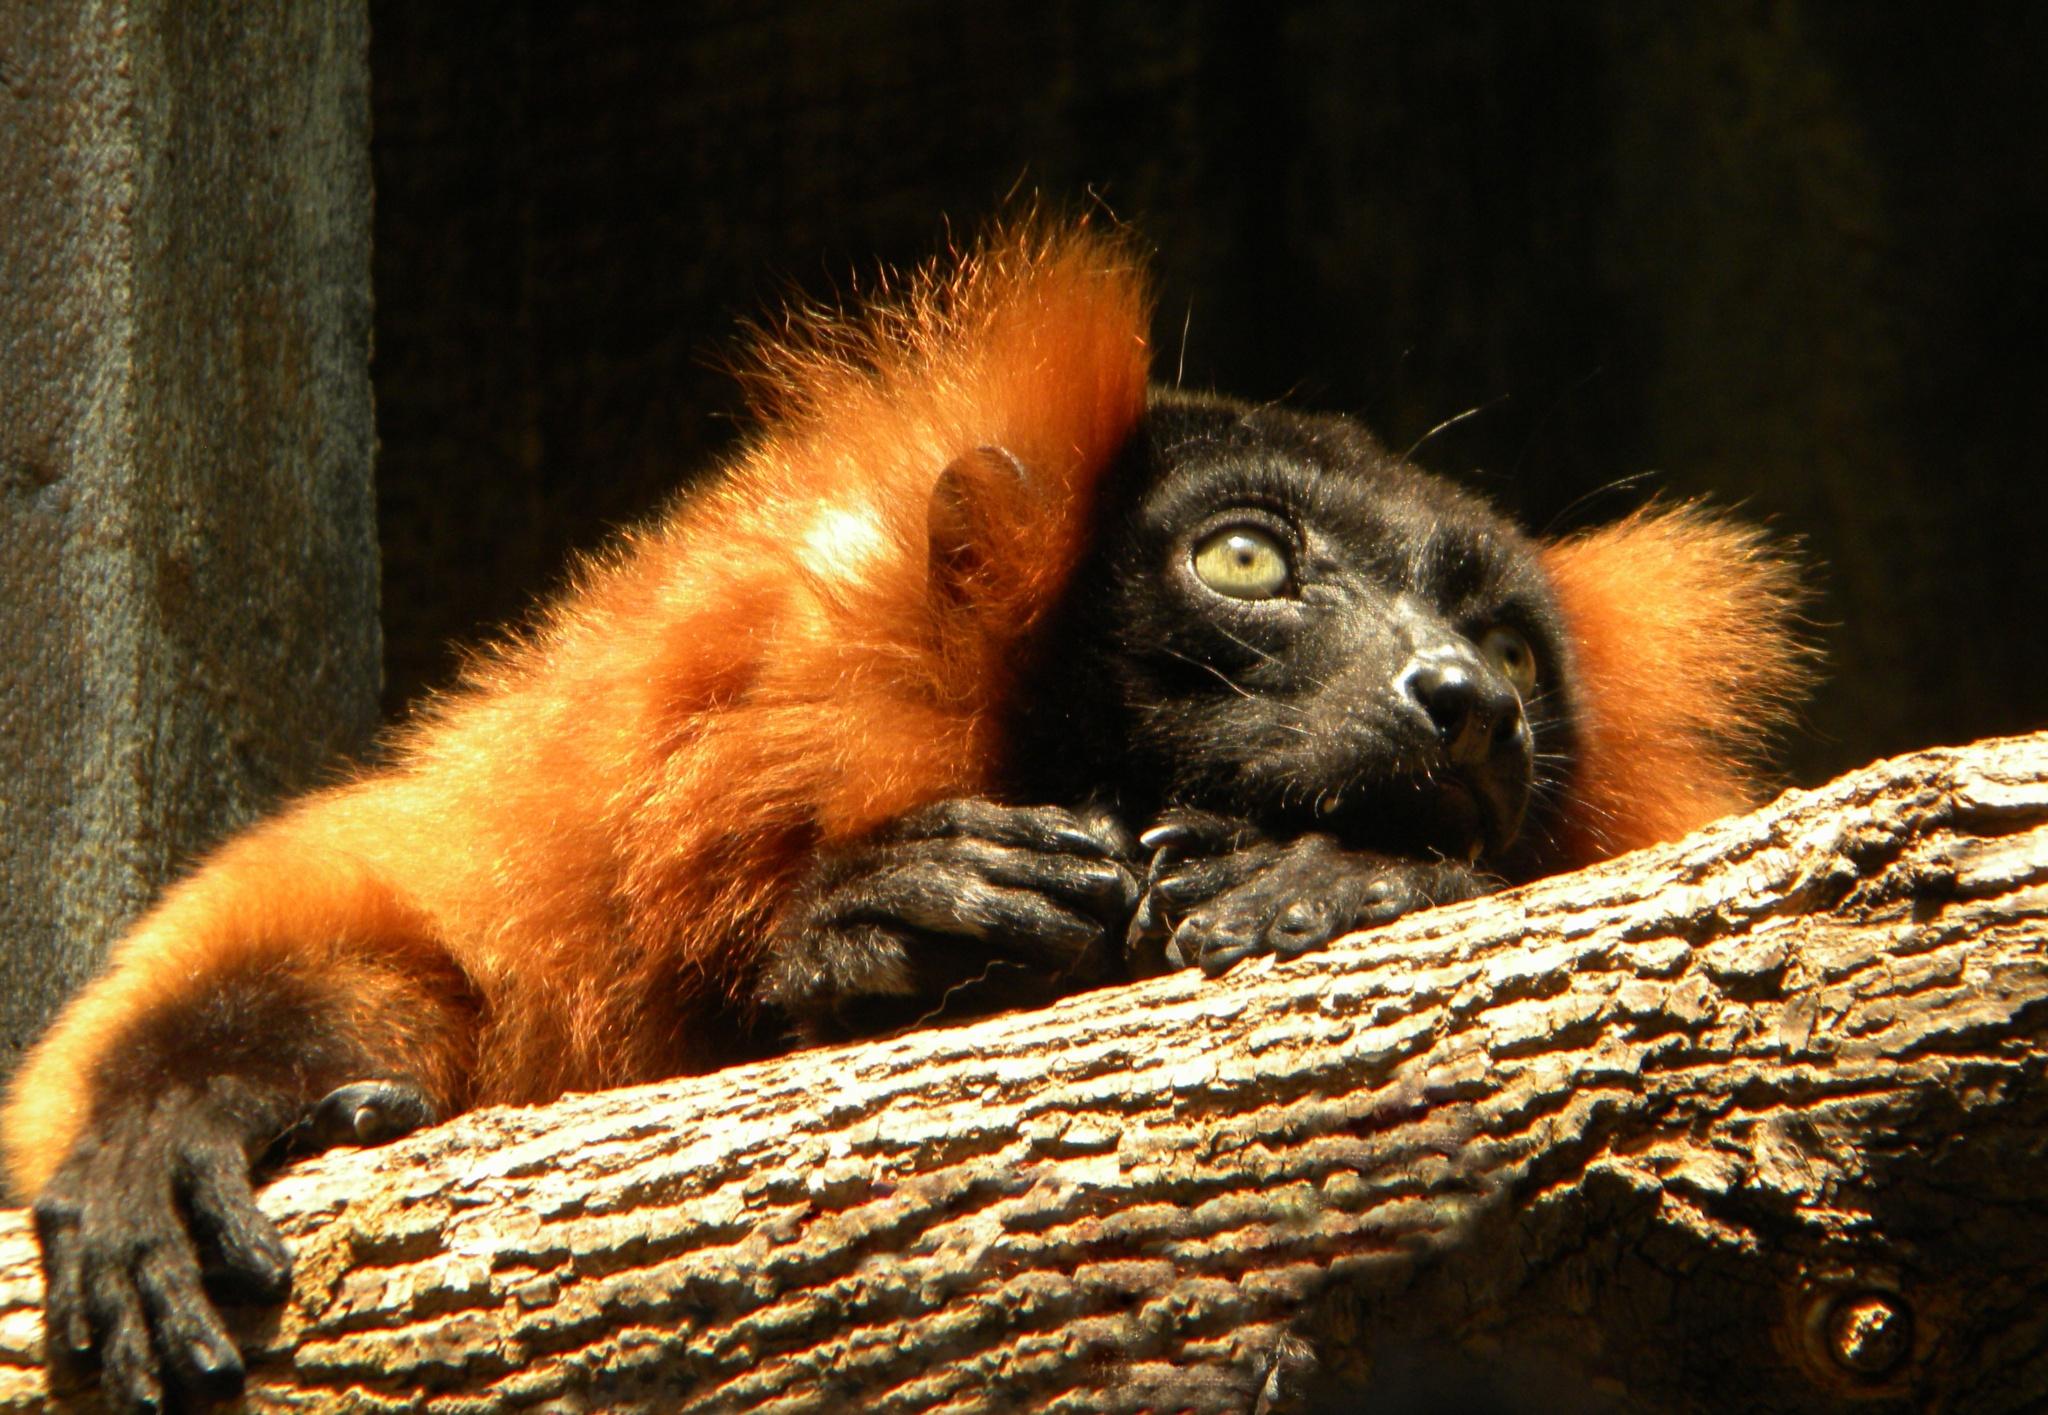 Lemur in Longing by Phillip W. Strunk